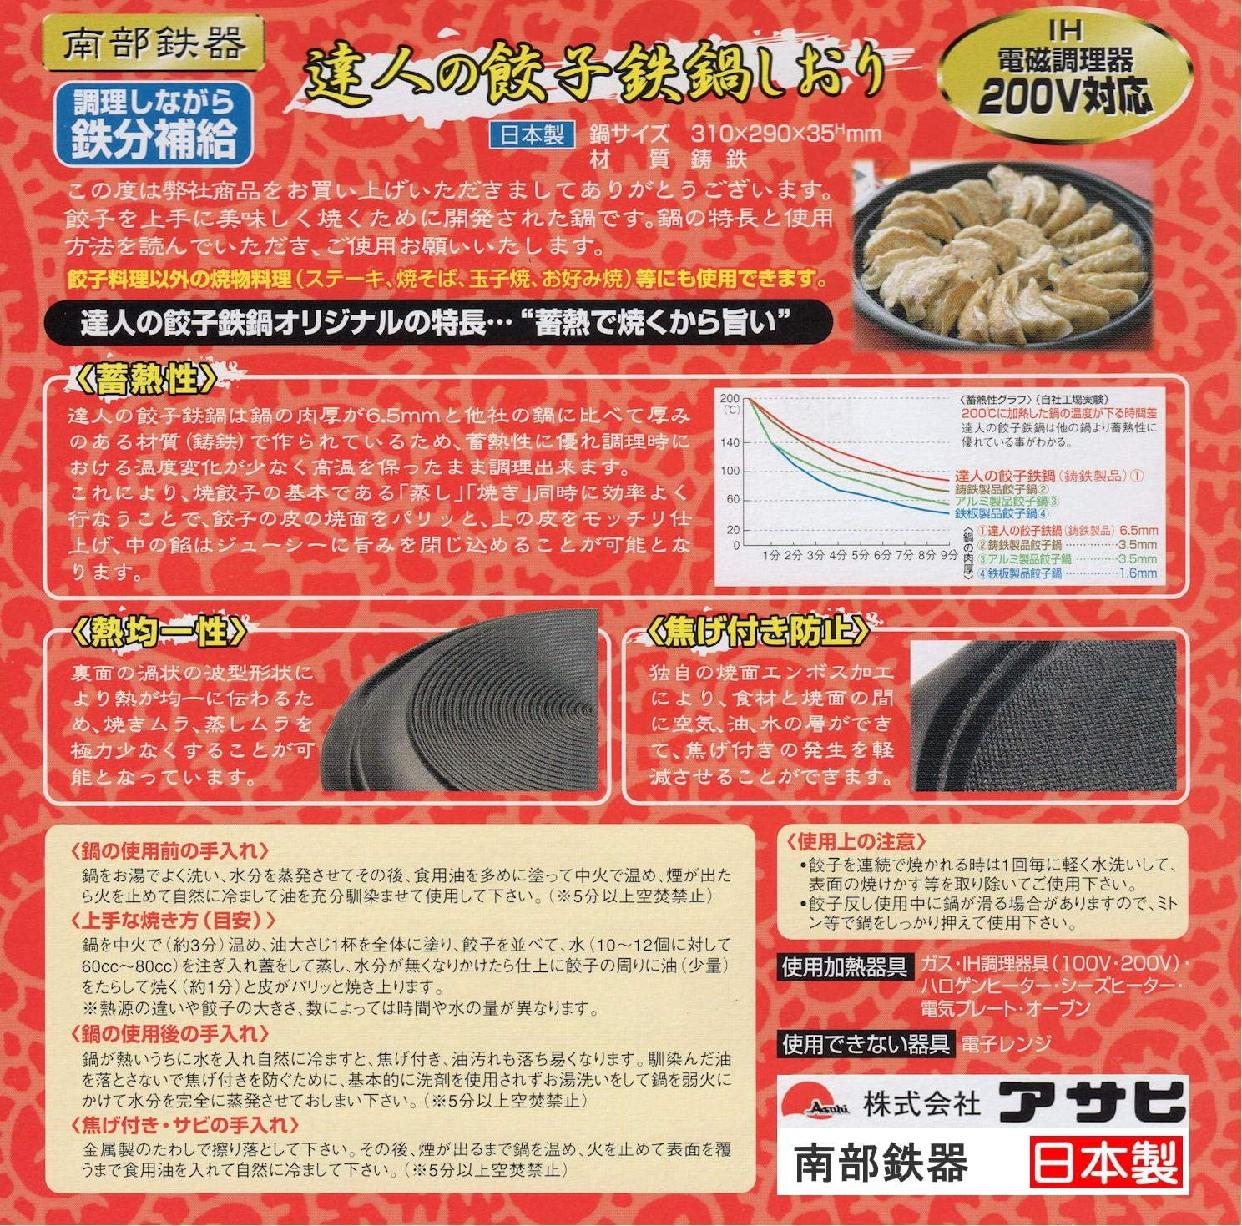 南部鉄器(ナンブテッキ) 達人の餃子鉄鍋 C−10 31cmの商品画像6